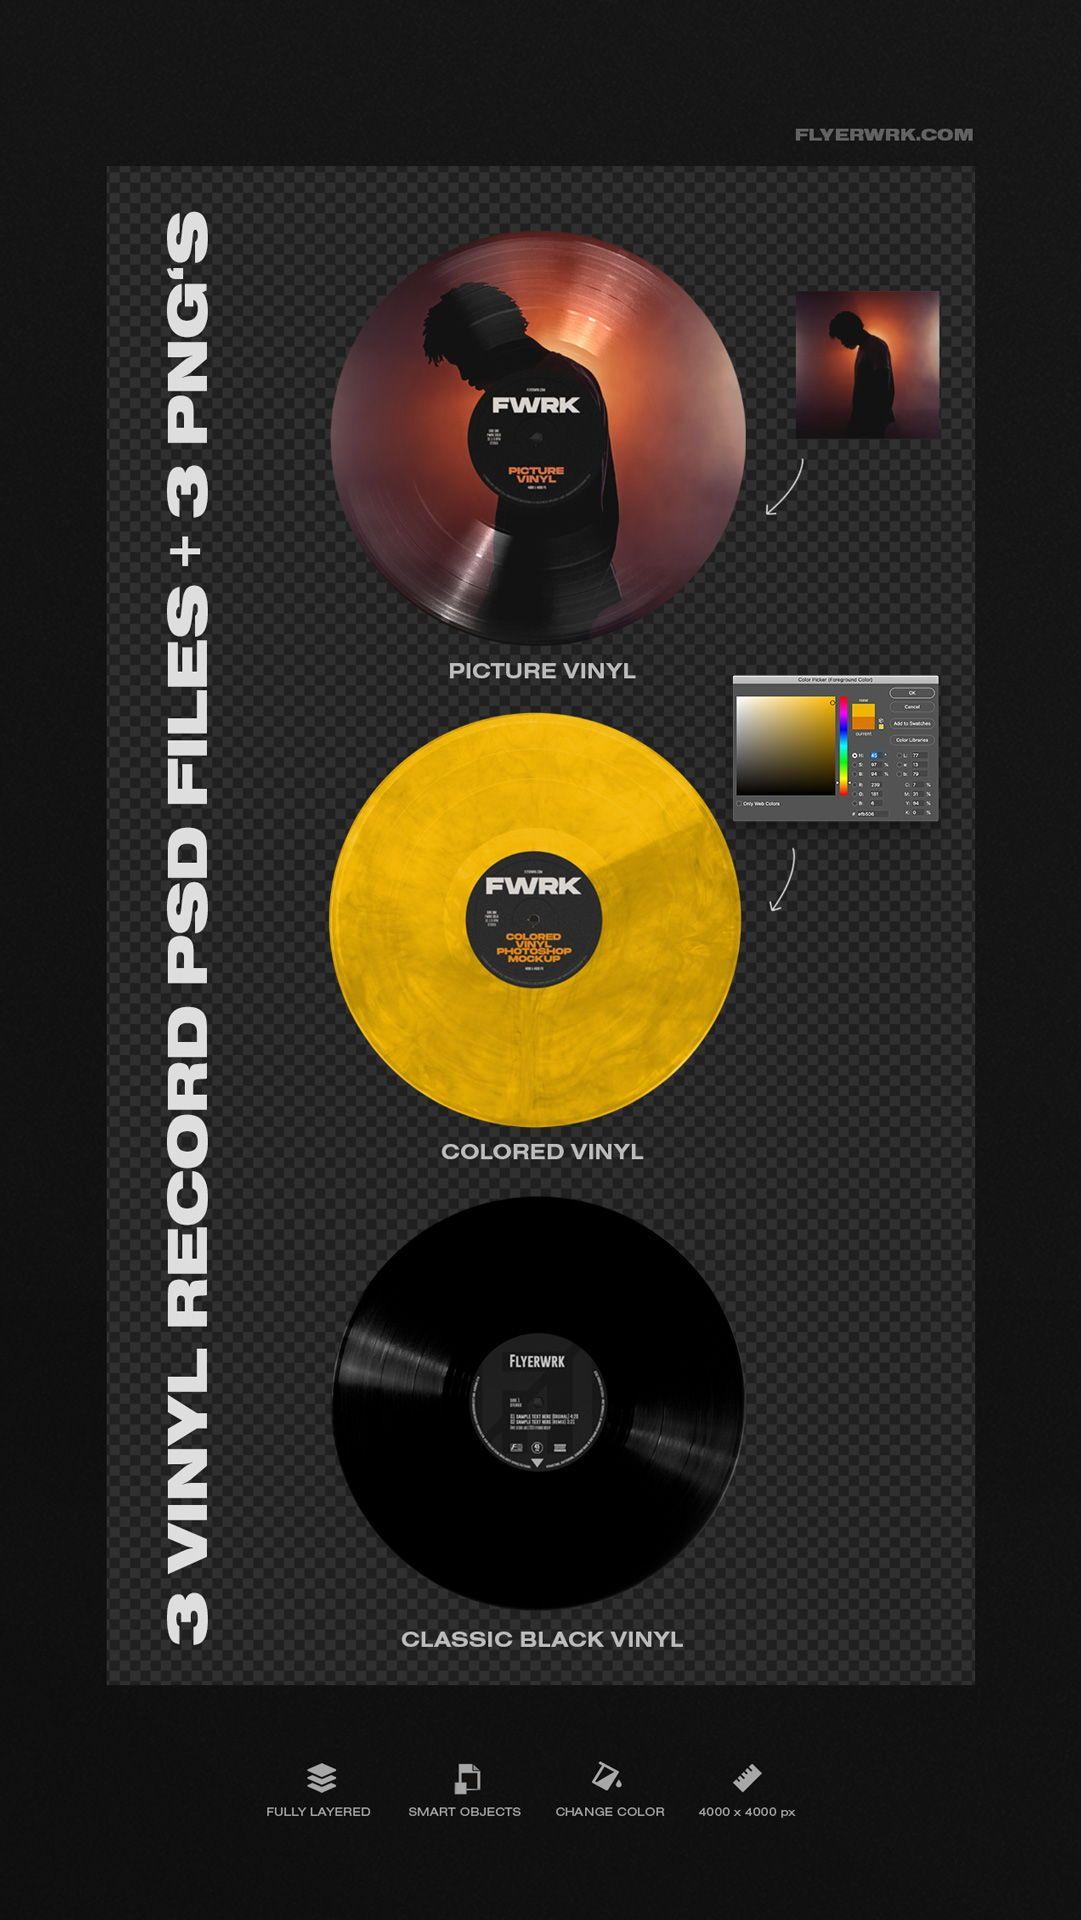 Retro Vinyl Record Mockup In 2020 Album Cover Design Vinyl Record Artwork Graphic Design Resources